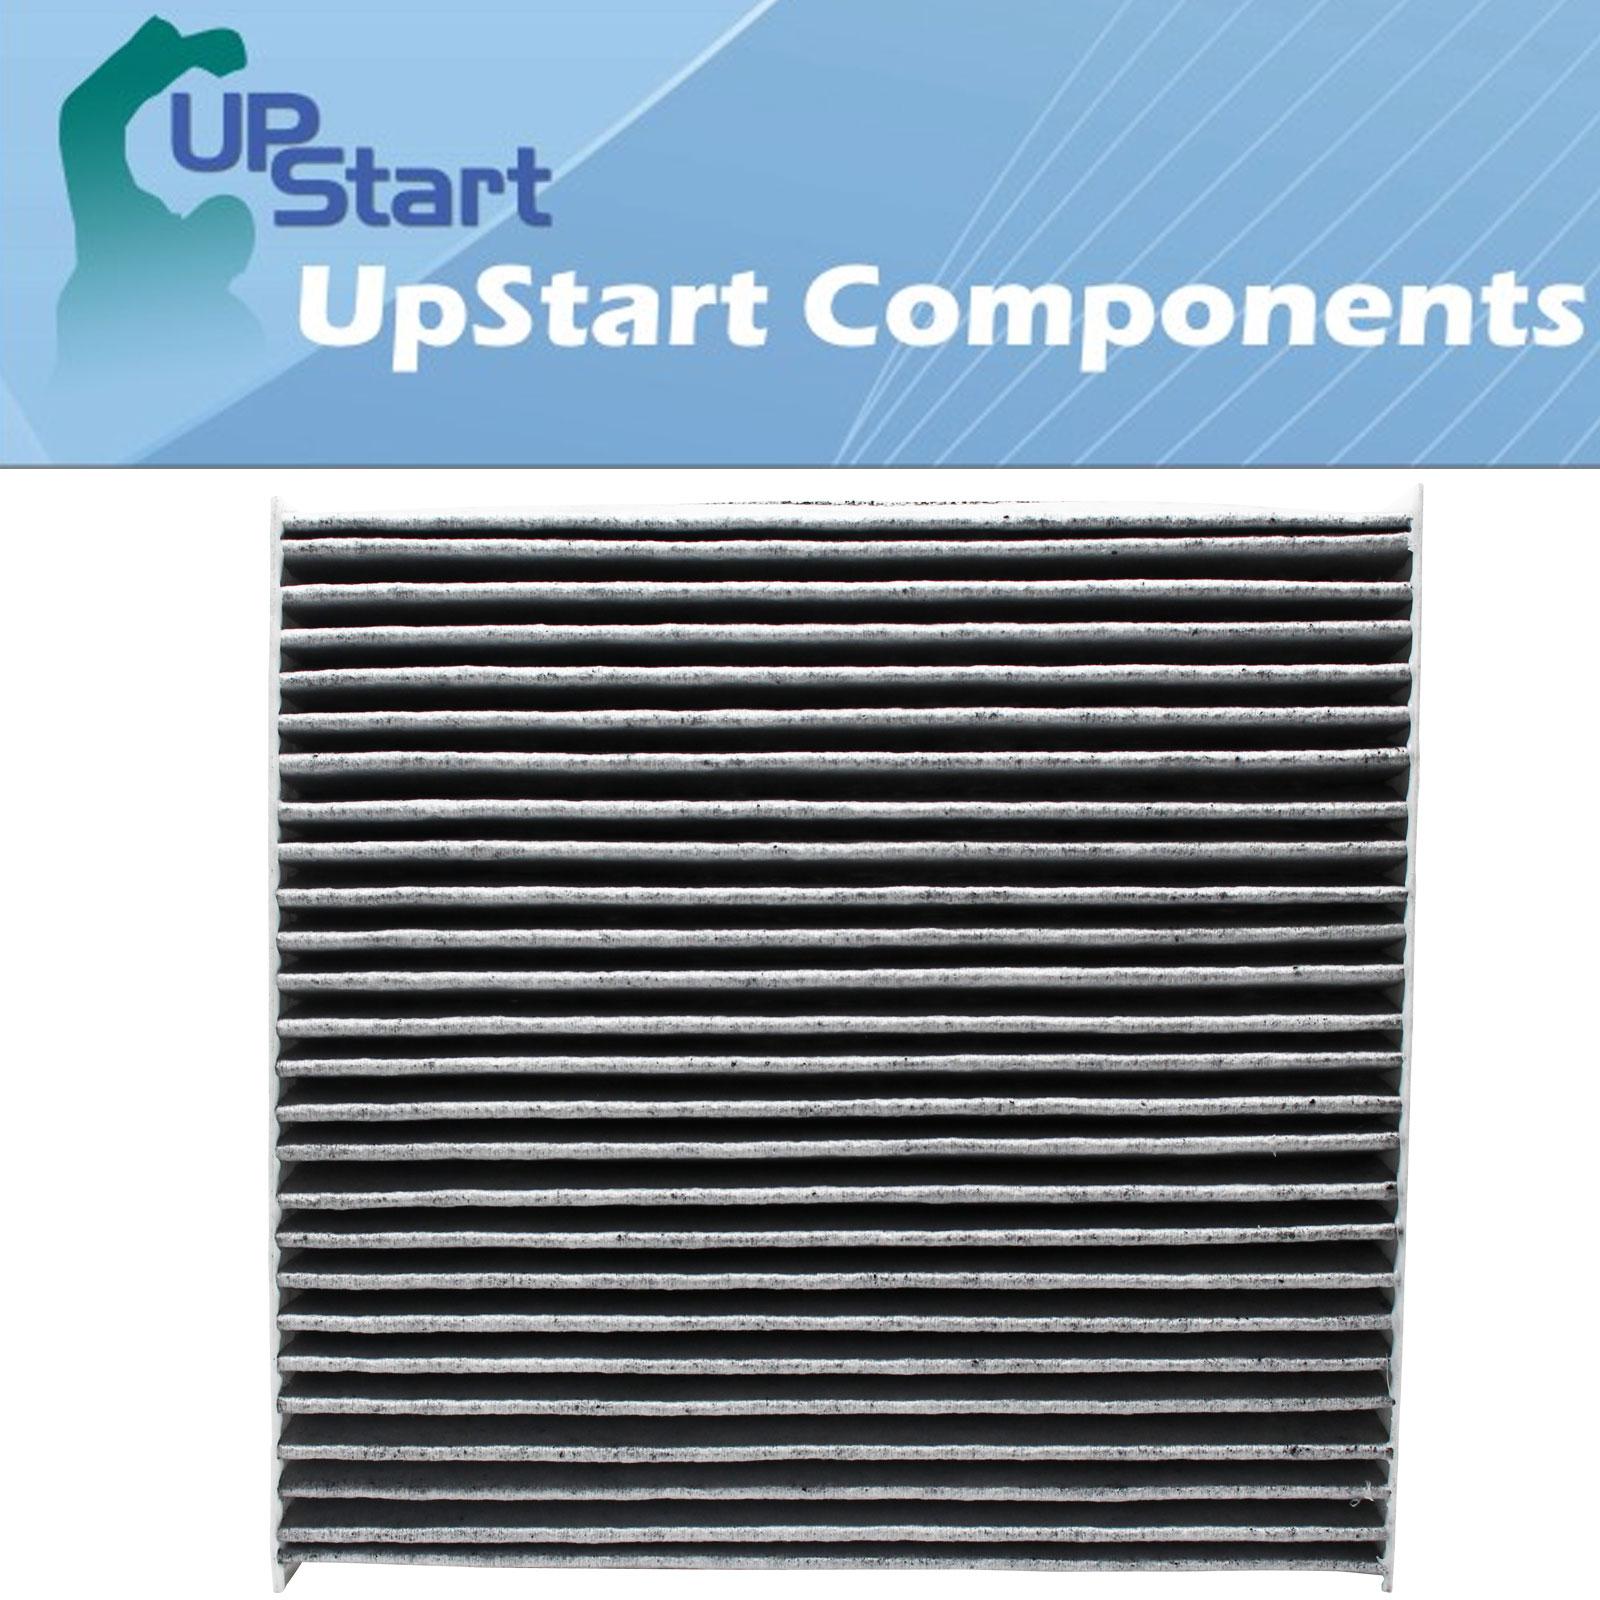 Replacement Cabin Air Filter for 2012 Honda CRZ L4 1.5L Car/Automotive - Activated Carbon, ACF-11182 - image 4 de 4